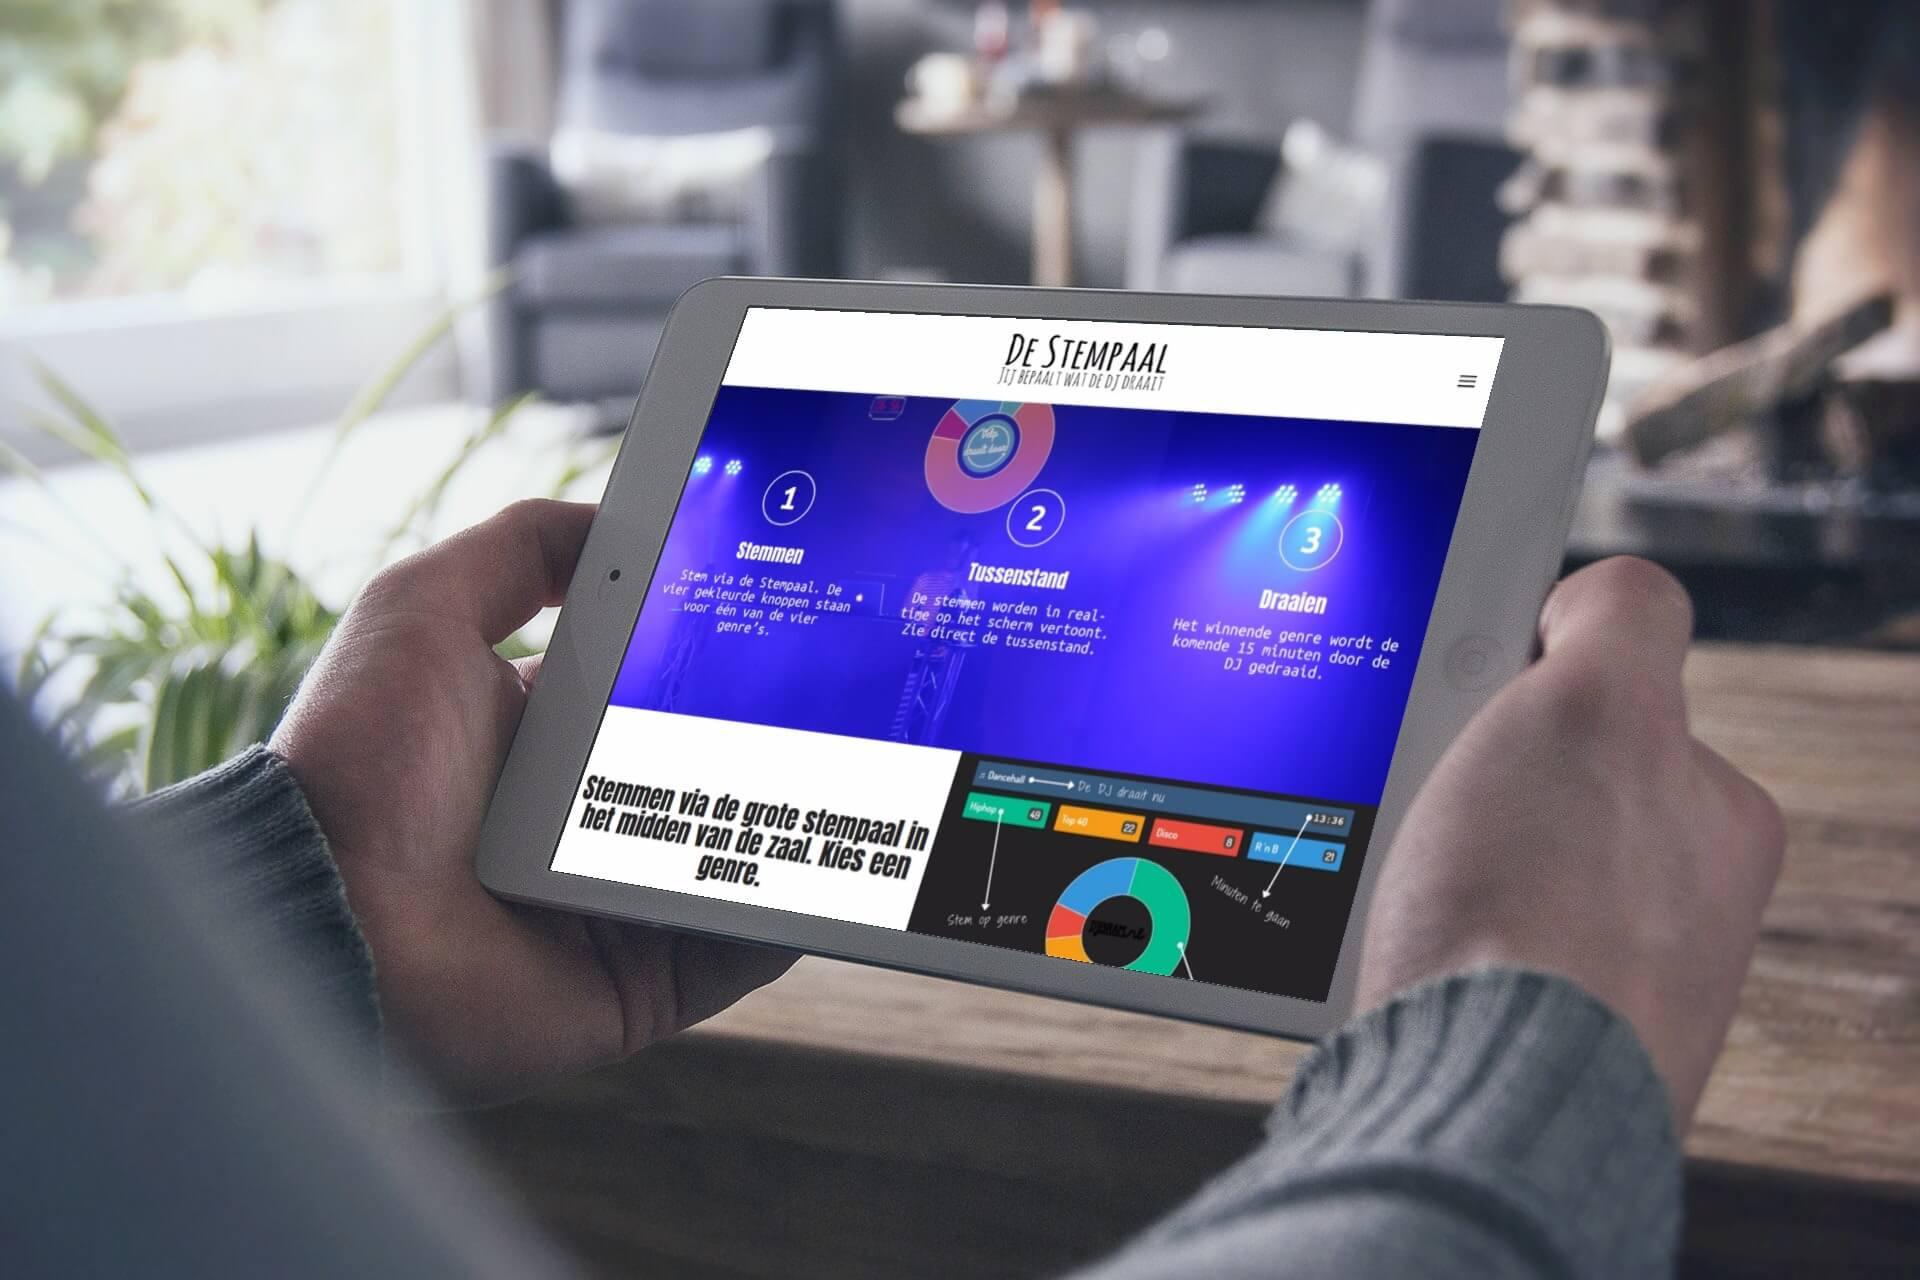 Stempaal.nl tablet